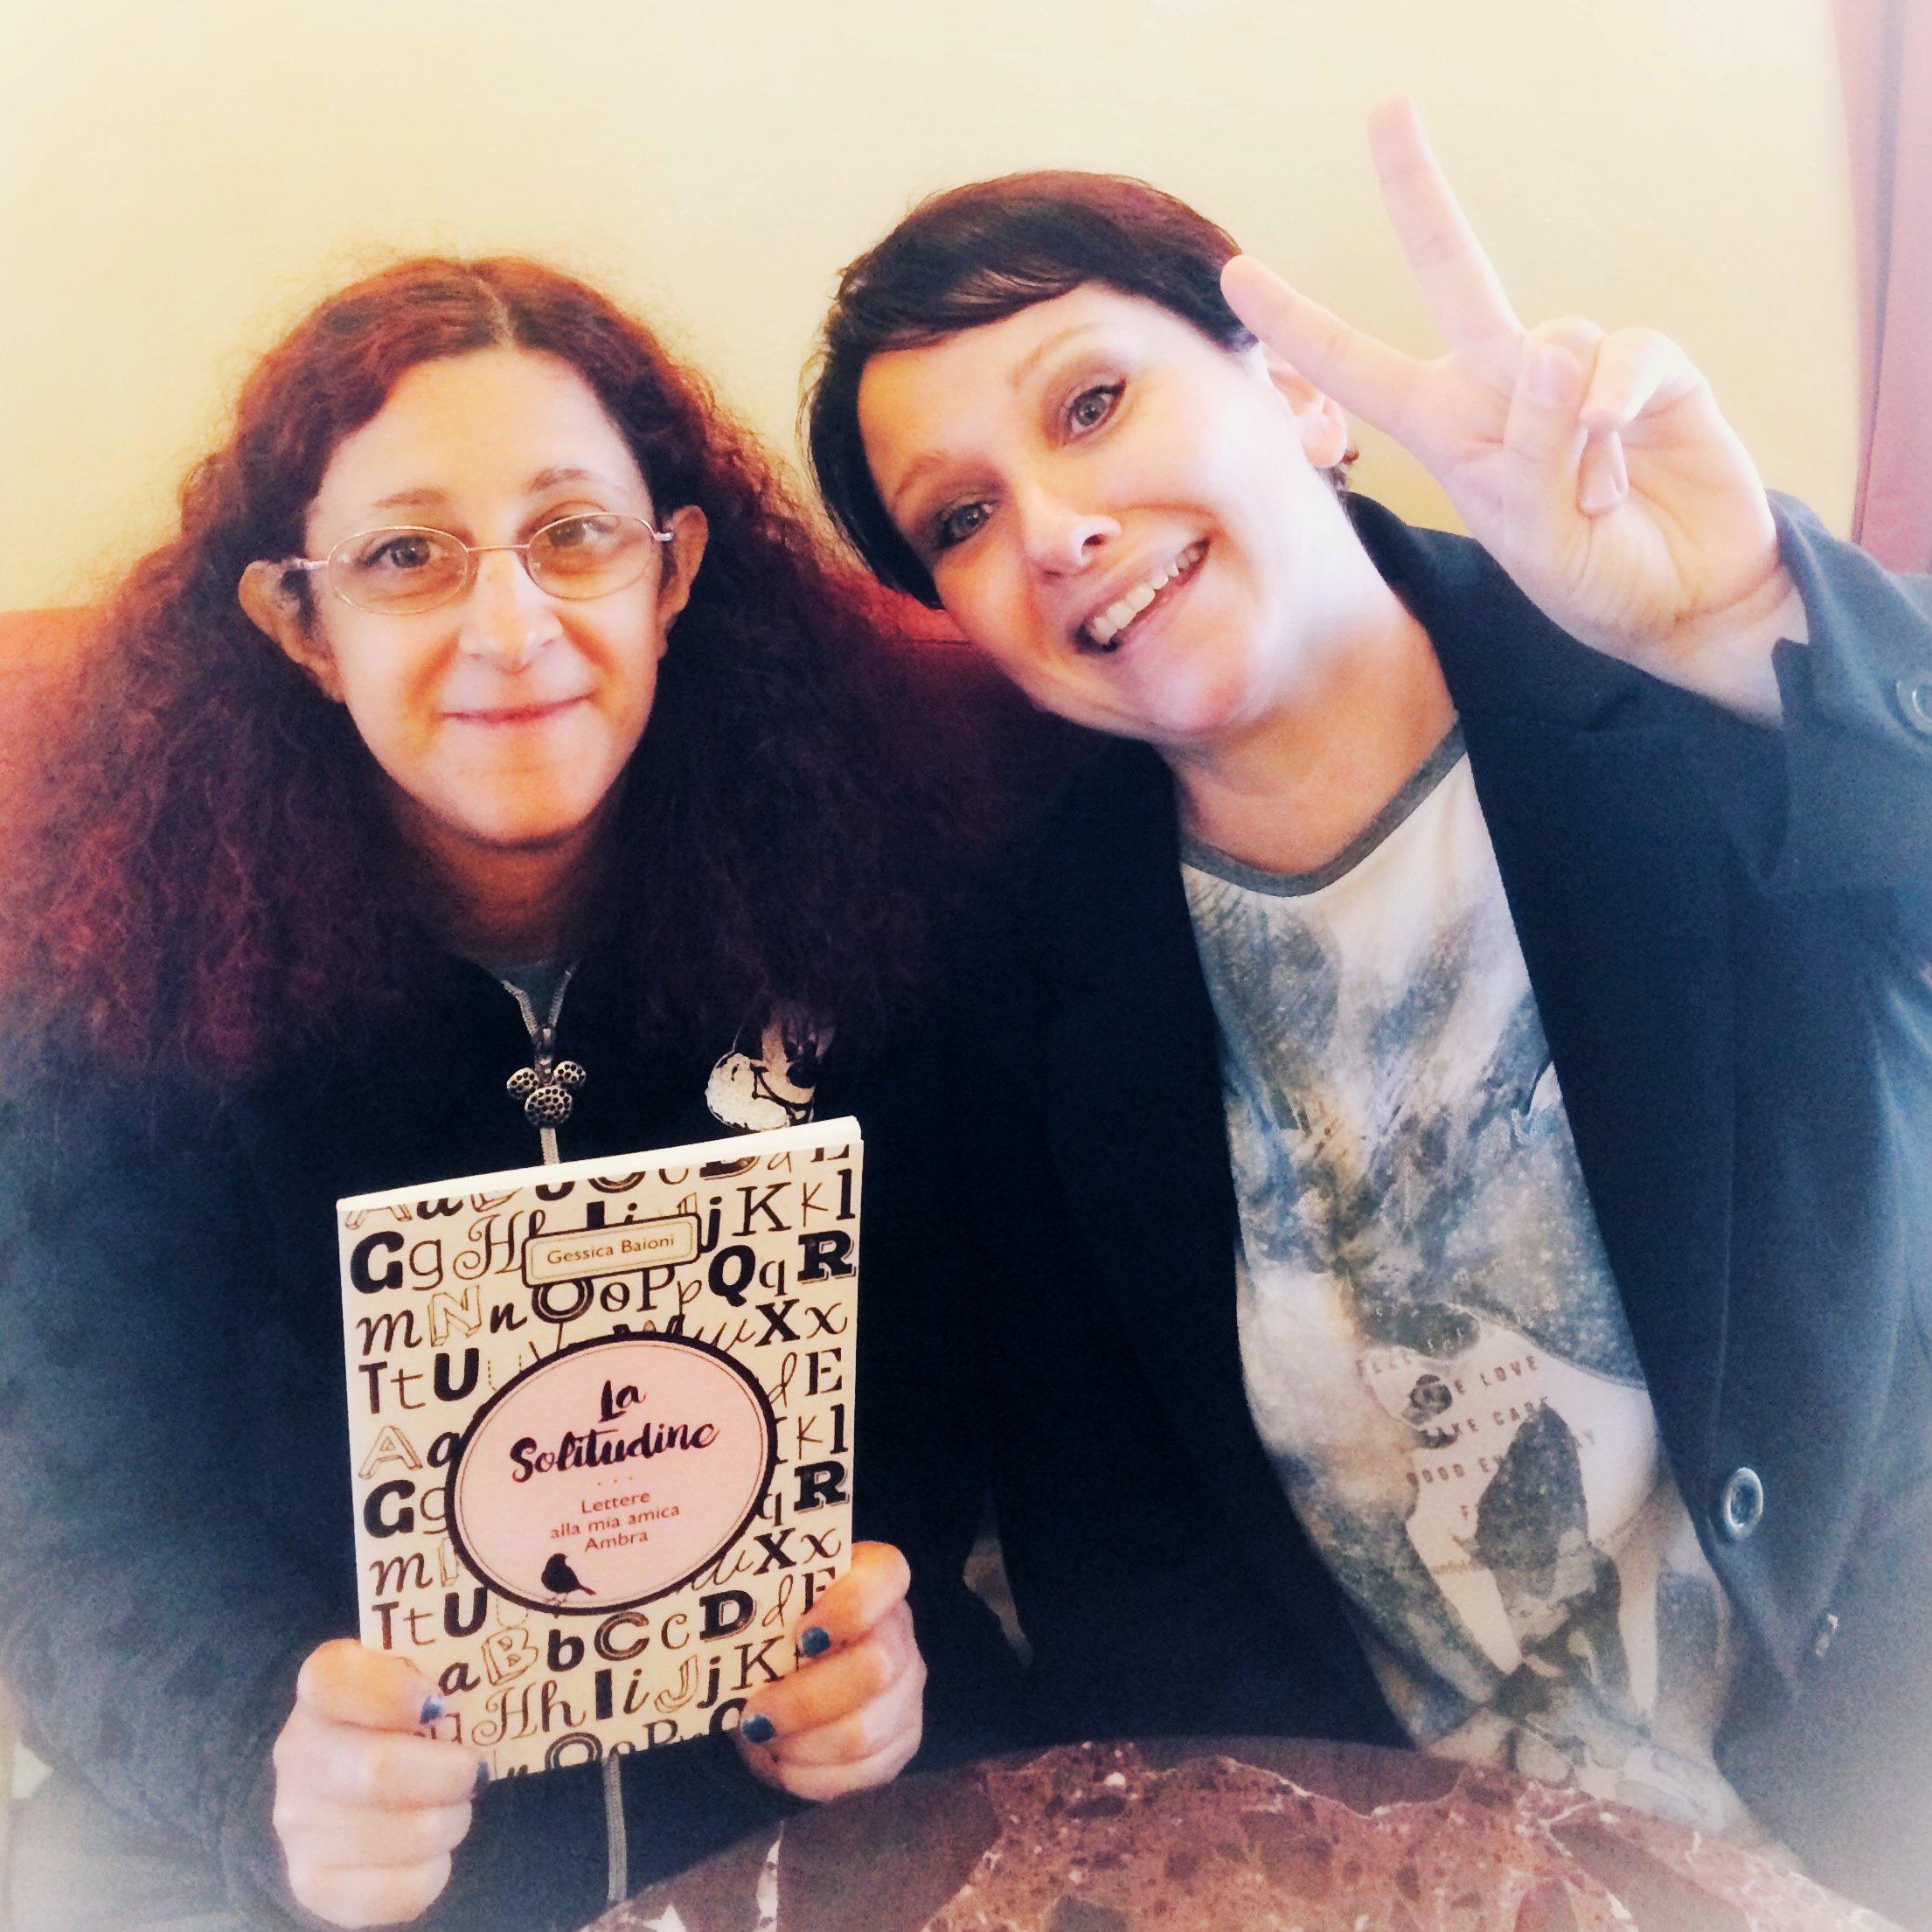 io e Gessica con in mano il suo libro